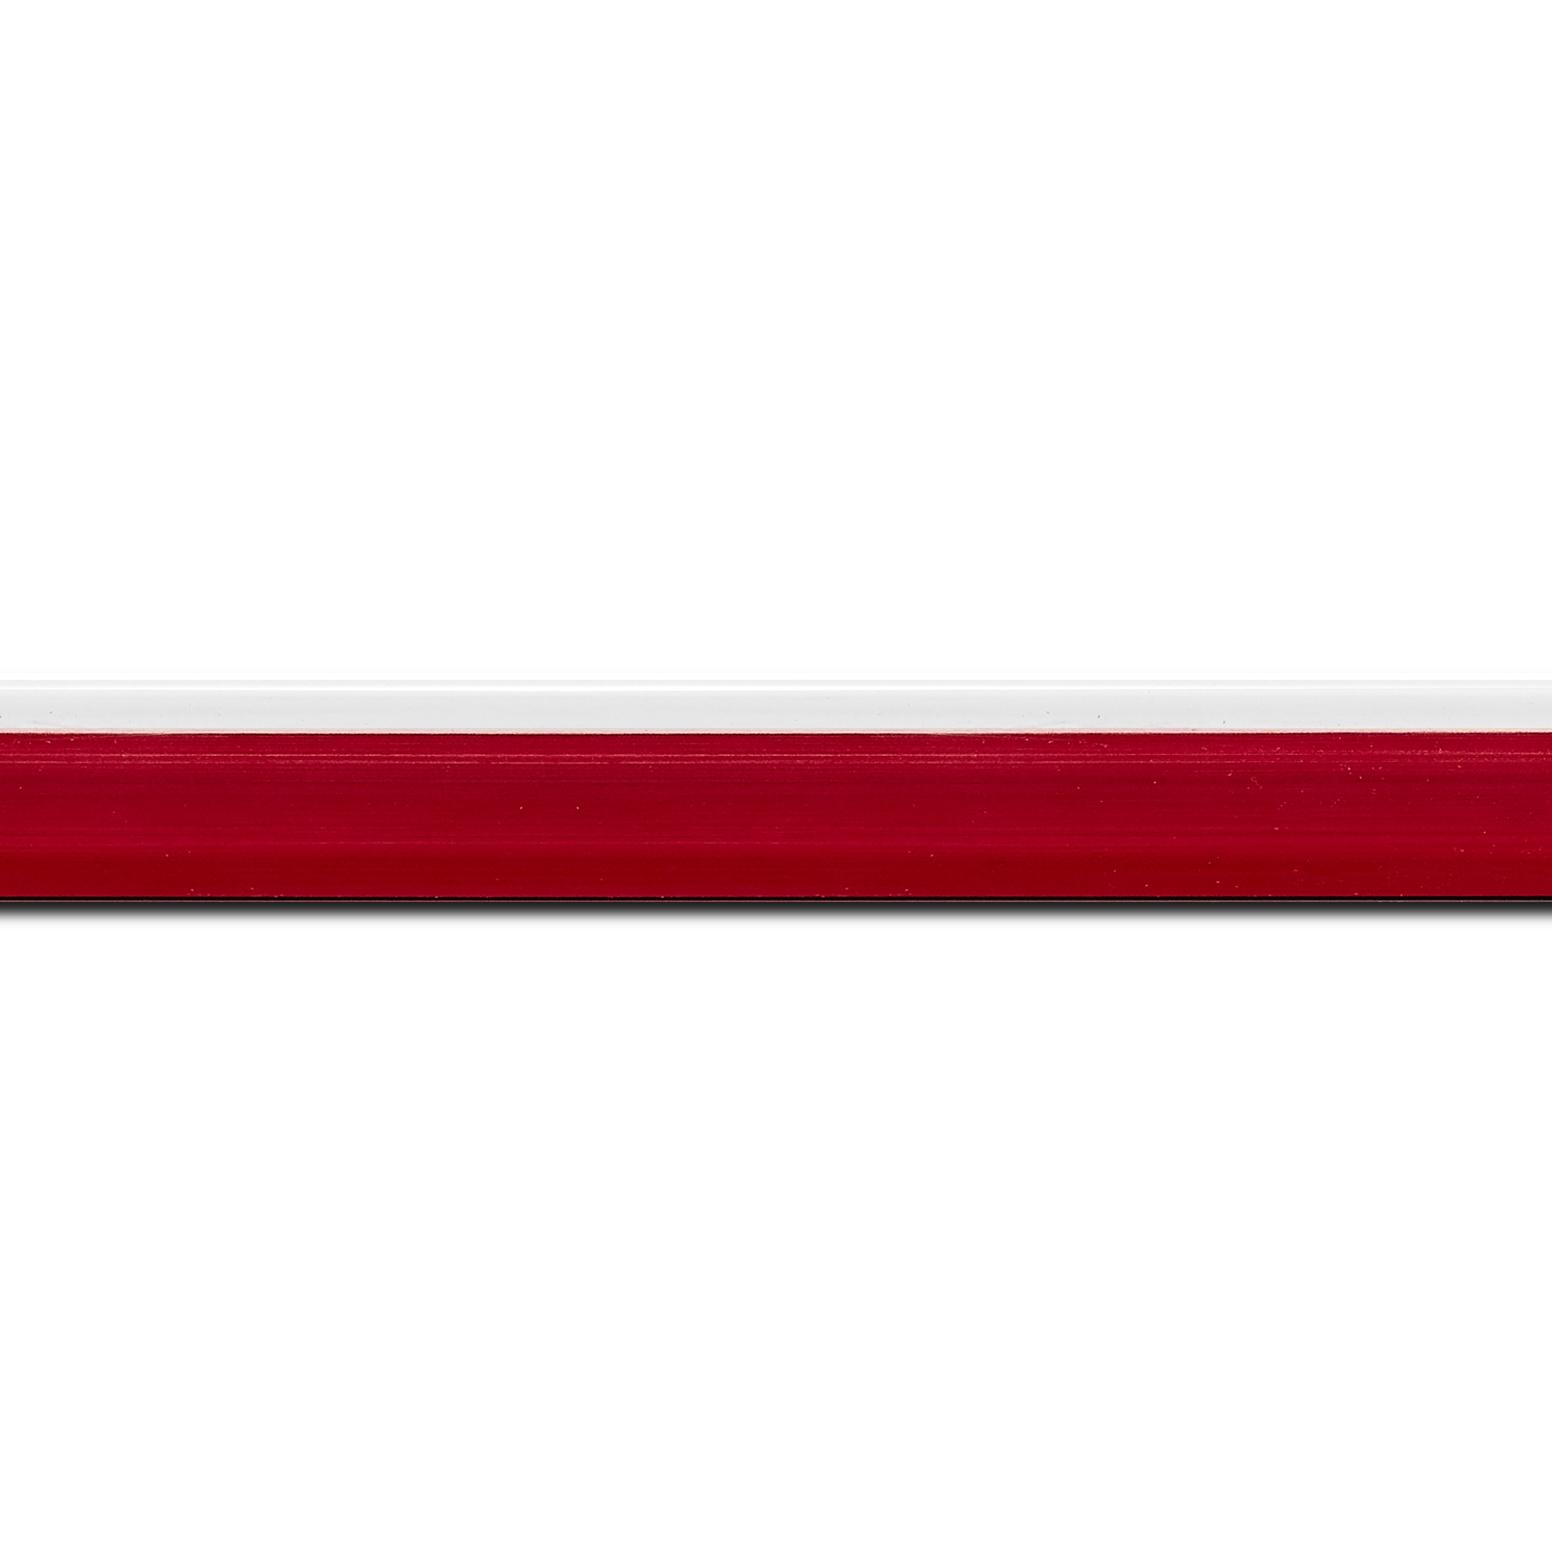 Pack par 12m, bois profil en pente plongeant largeur 2.2cm couleur rouge grenat laqué filet blanc extérieur laqué(longueur baguette pouvant varier entre 2.40m et 3m selon arrivage des bois)